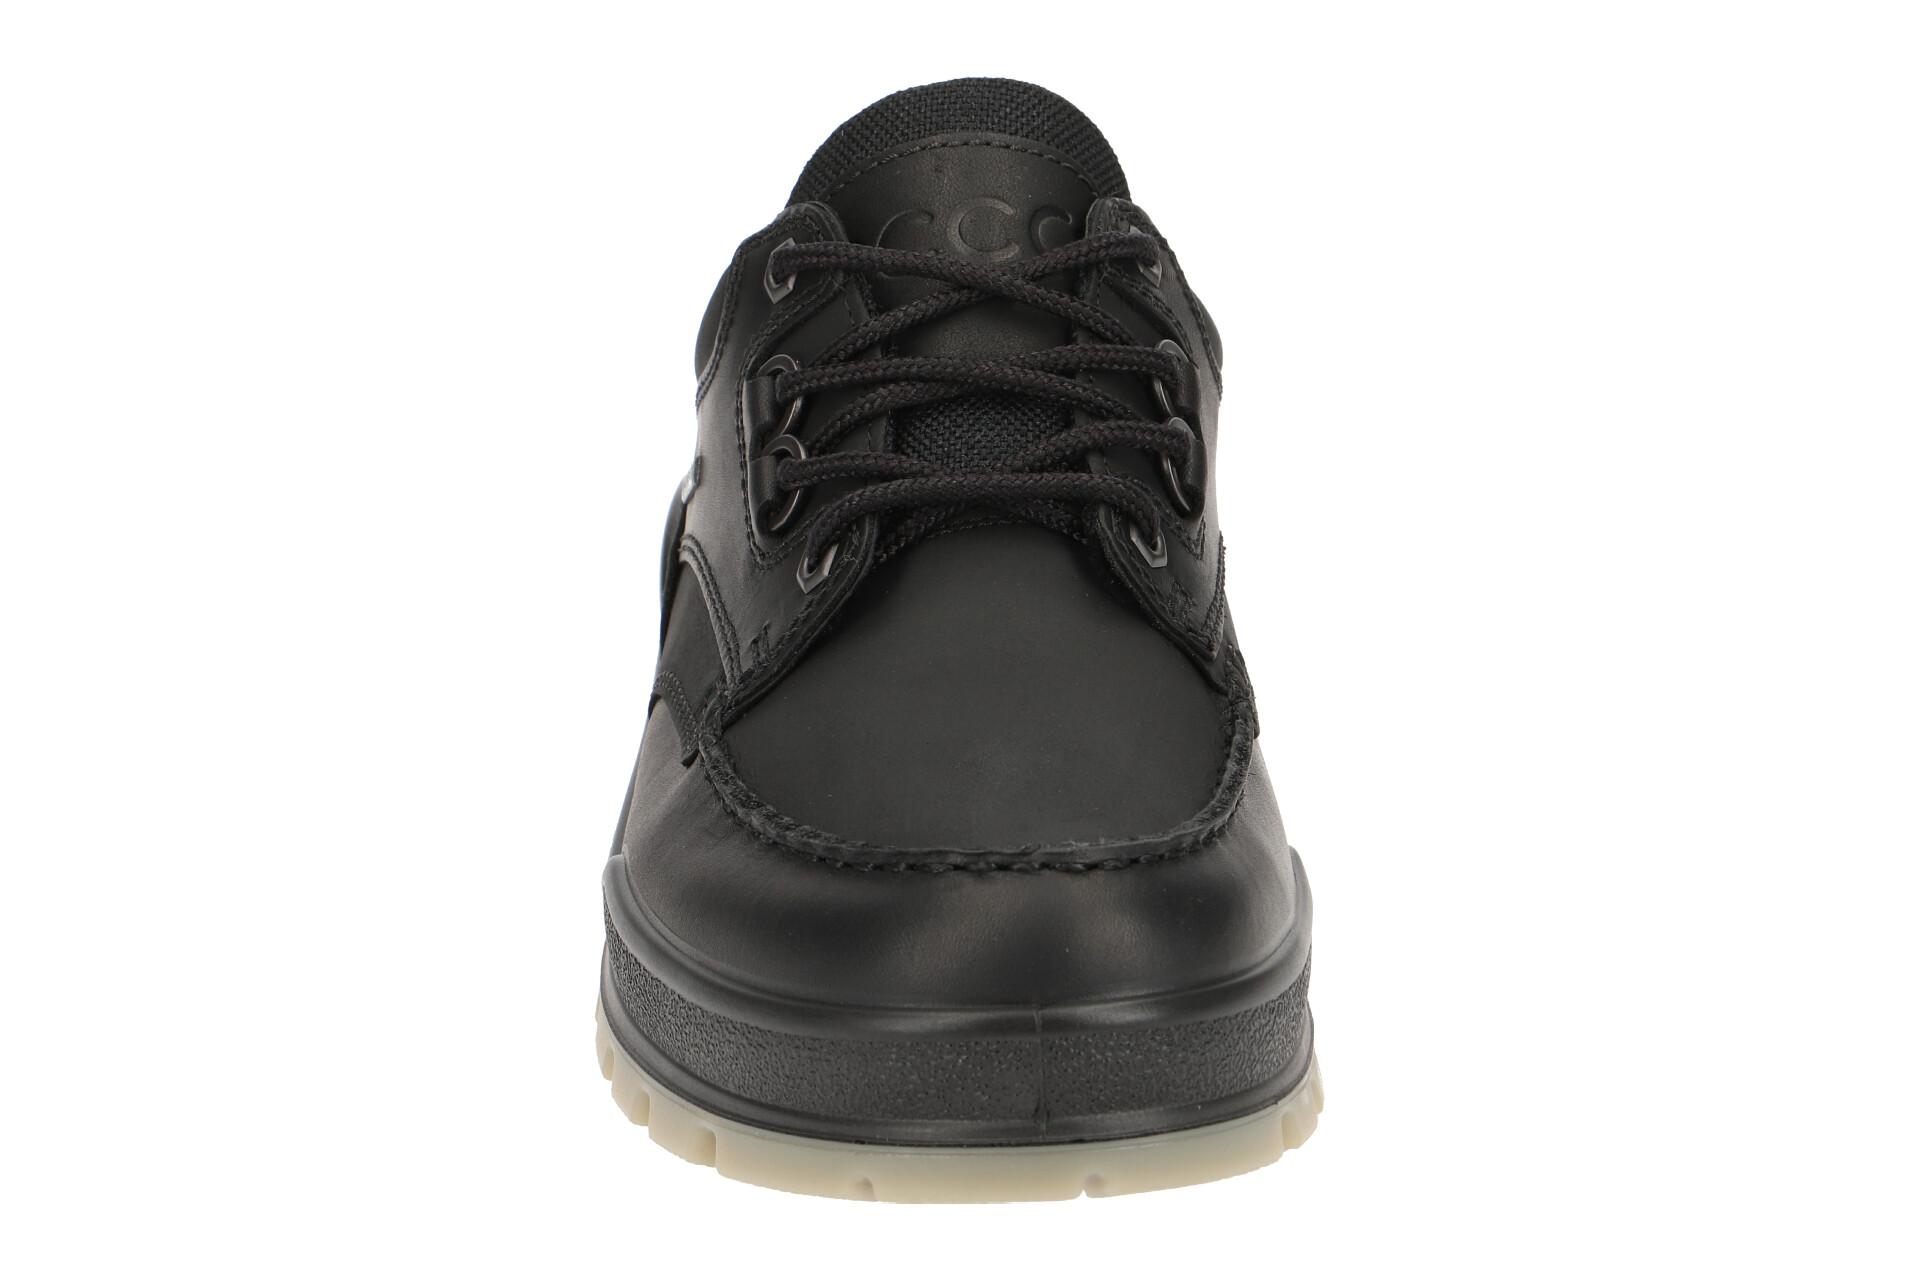 Ecco Schuhe CORKSPHERE 1 MENS schwarz Herrenschuhe 27120401001 NEU